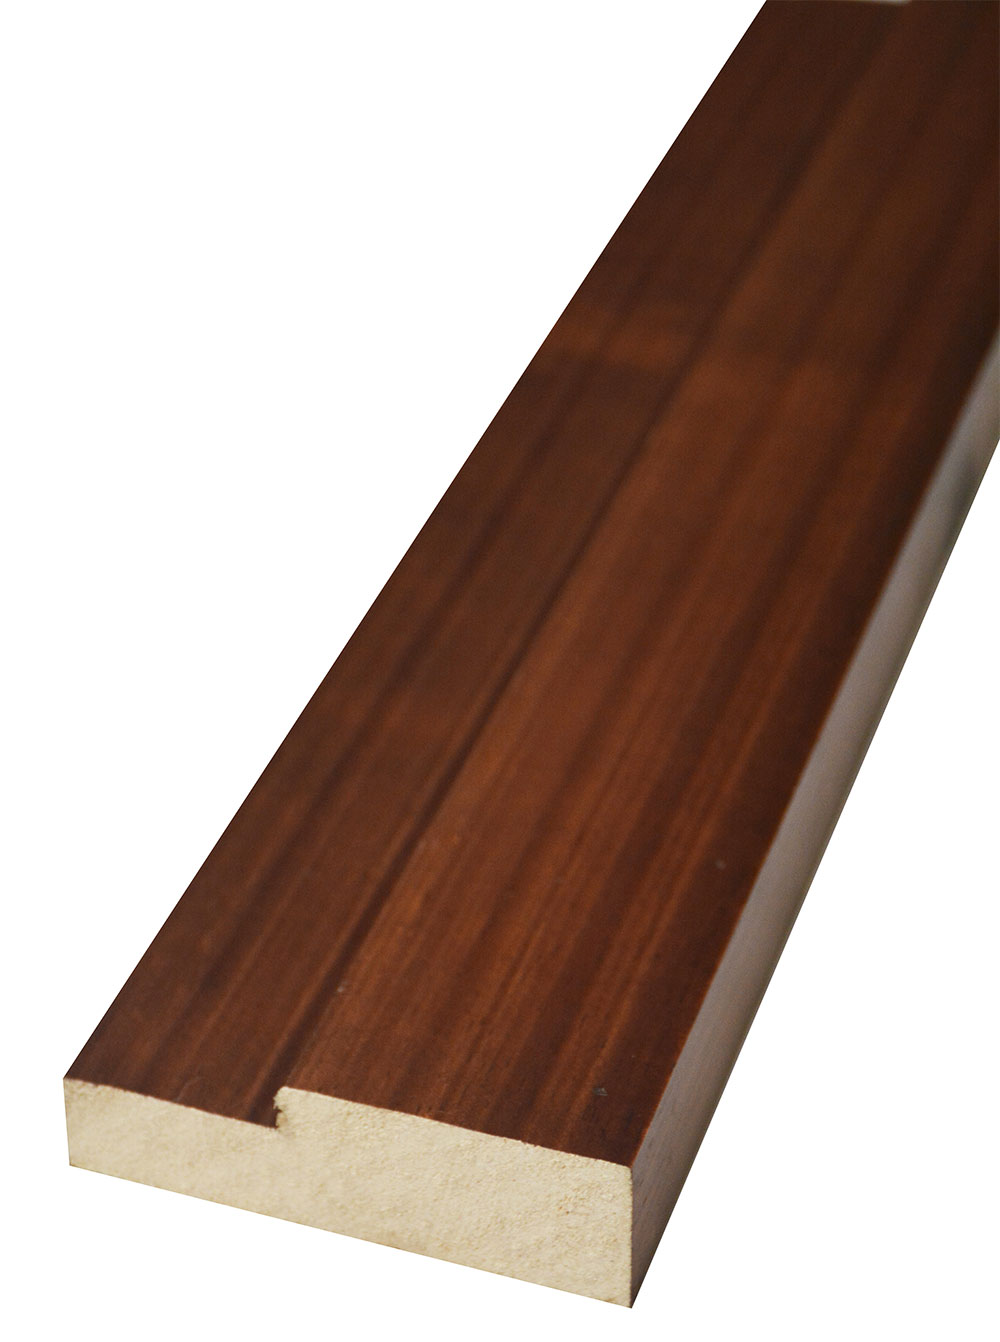 Maderas el bosque marcos en madera - Marcos de madera ...